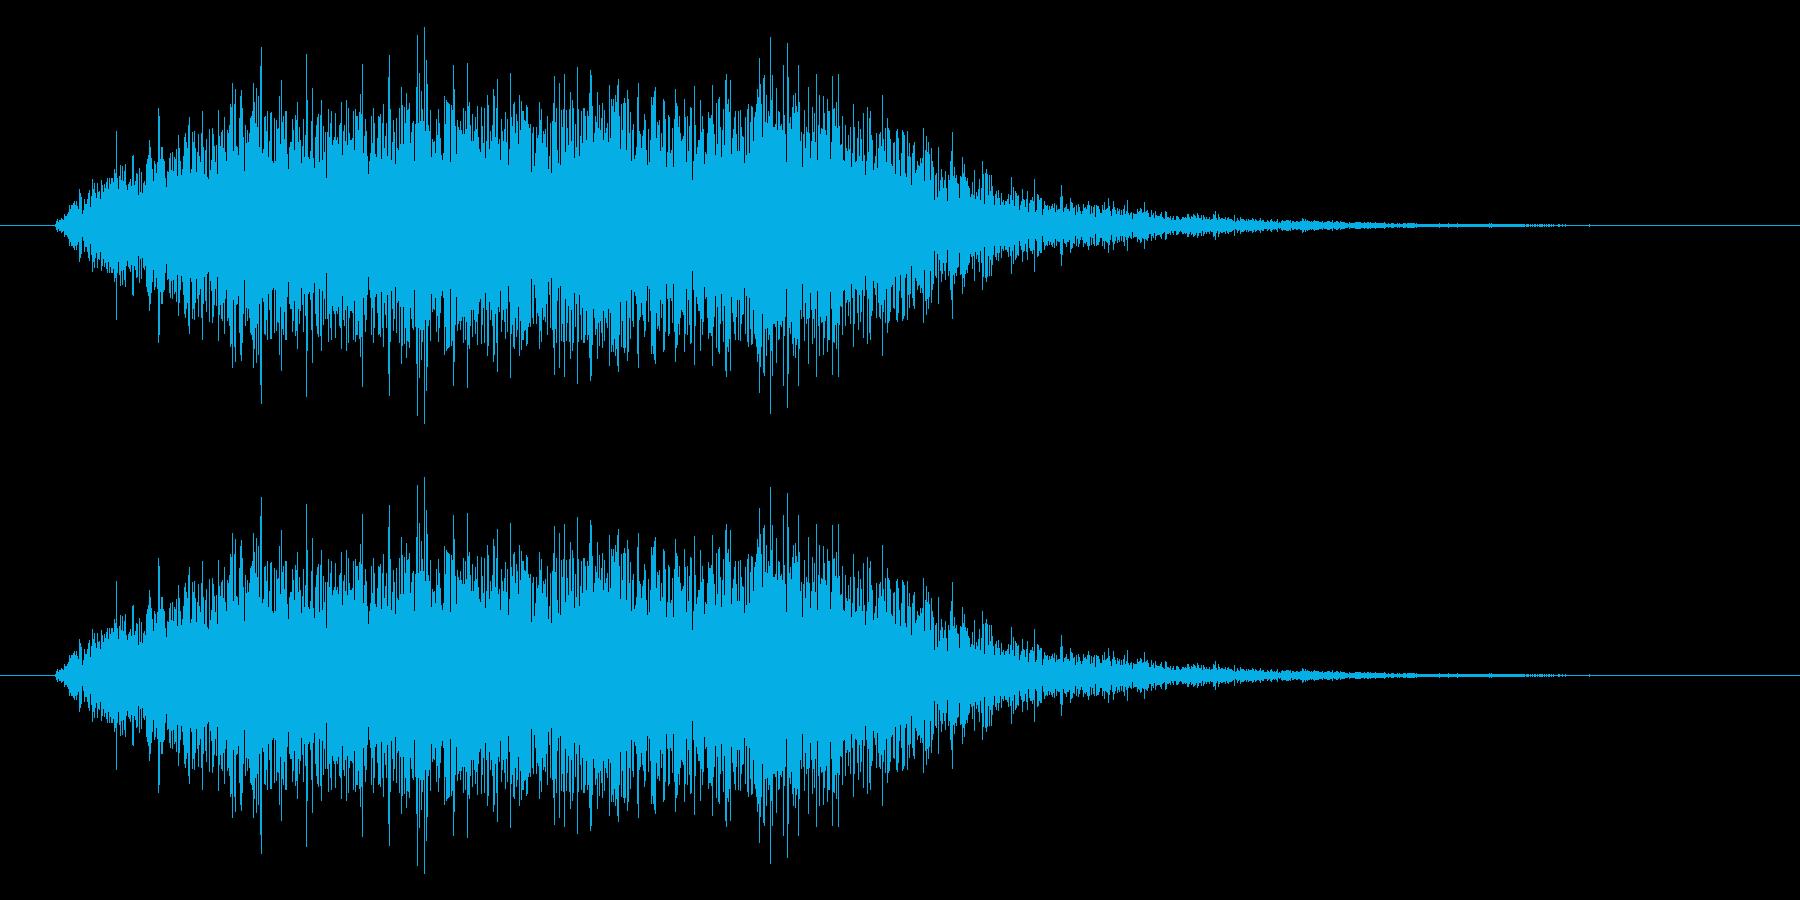 ホラー効果音 低音ブオー 奇怪なコーラスの再生済みの波形